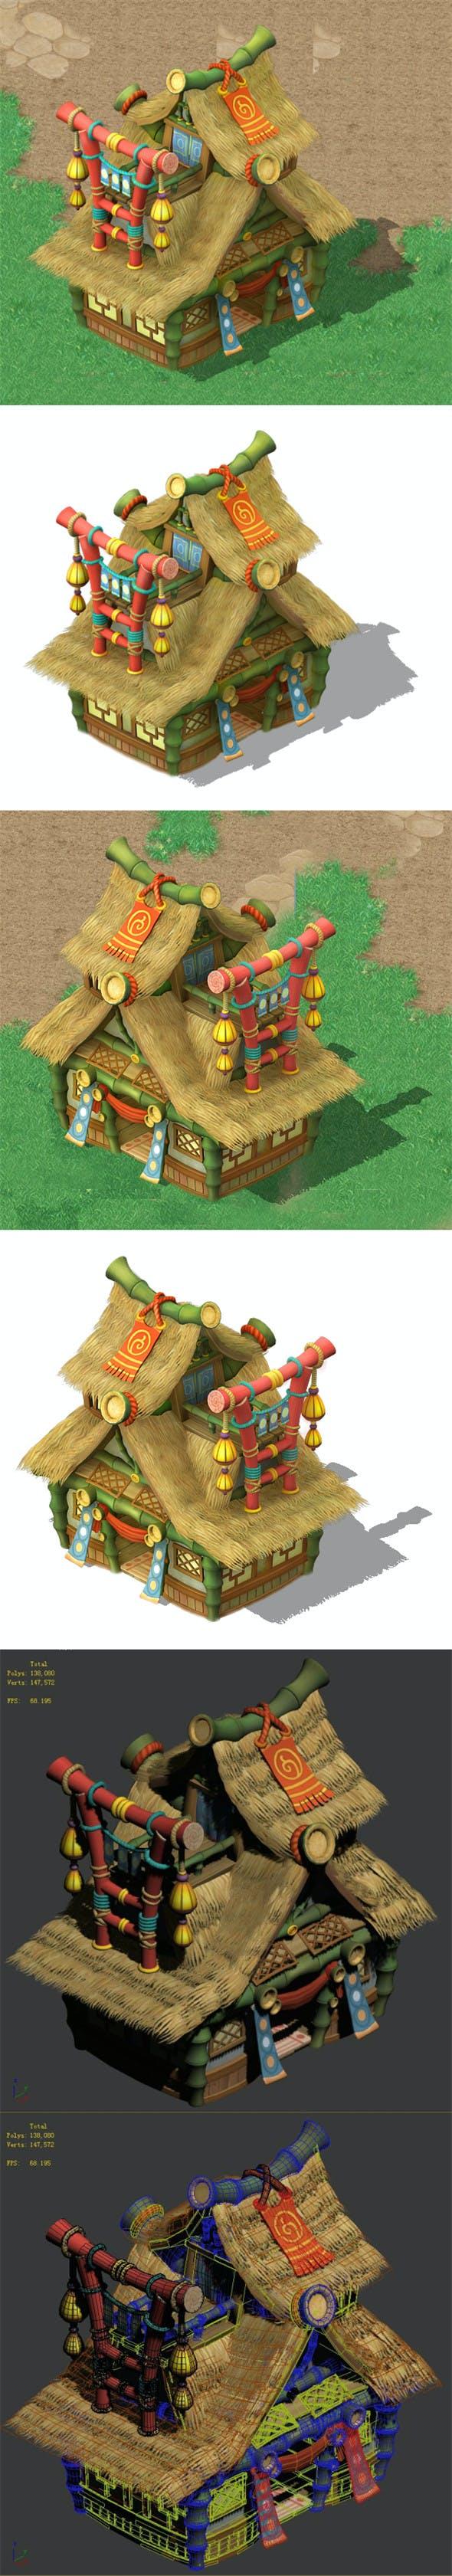 Cartoon World - House 04 - 3DOcean Item for Sale